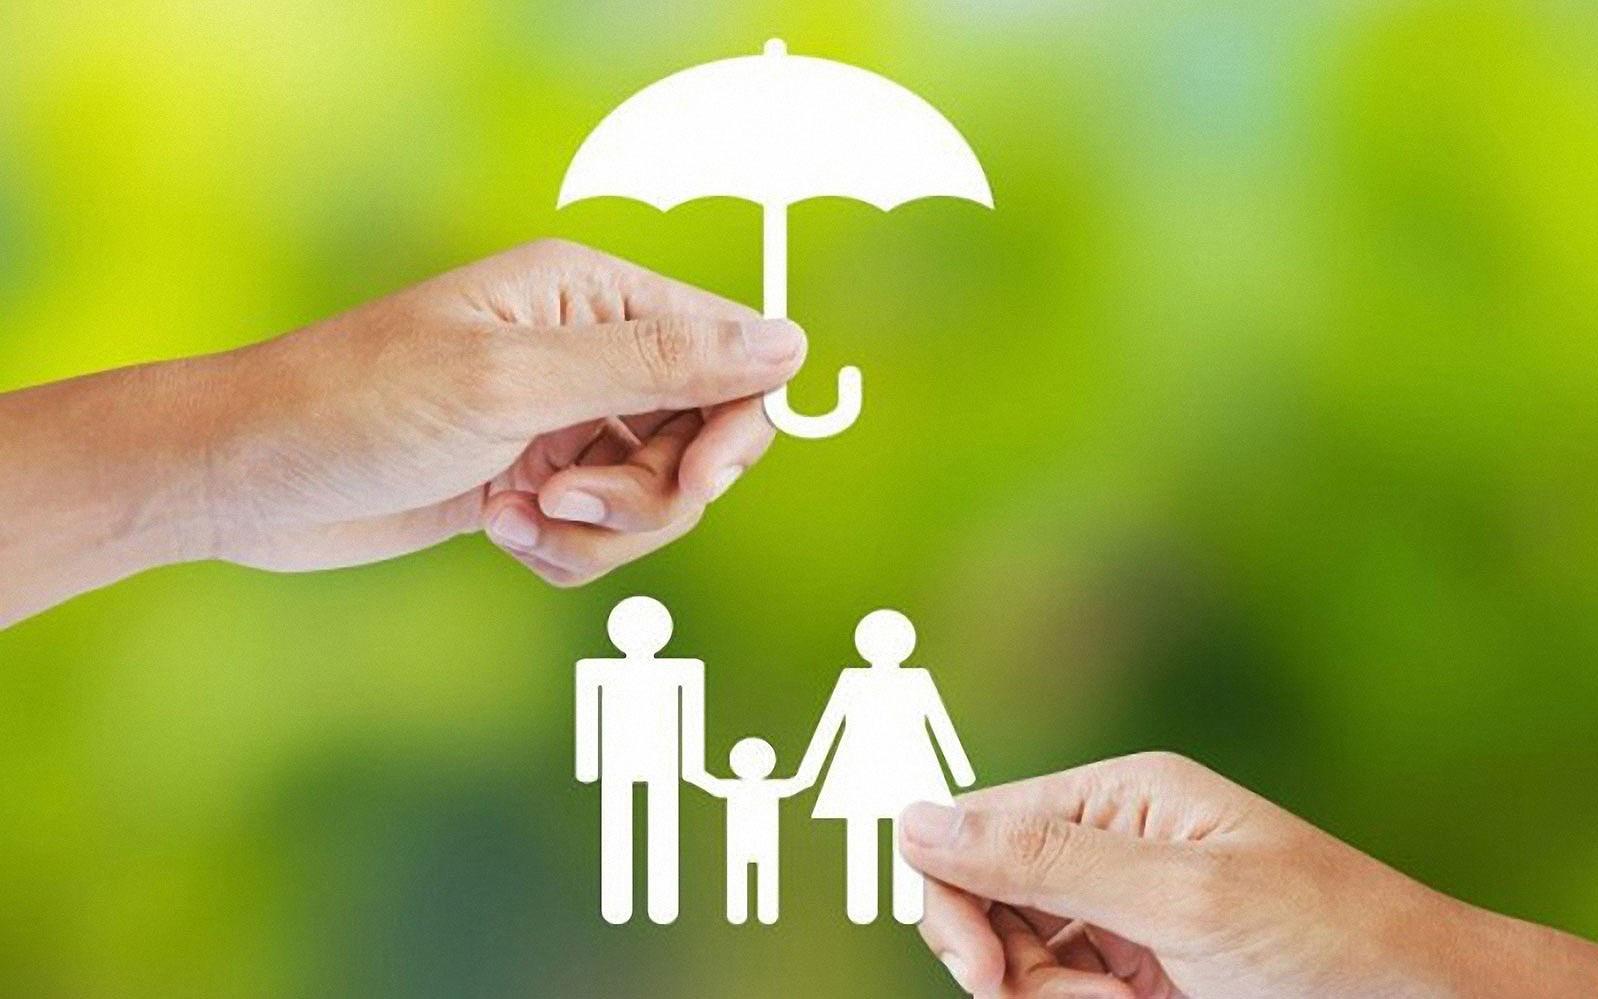 Mách bạn ưu, nhược điểm của hai thẻ bảo hiểm y tế và sức khỏe để biết chọn mua loại phù hợp với bản thân và gia đình